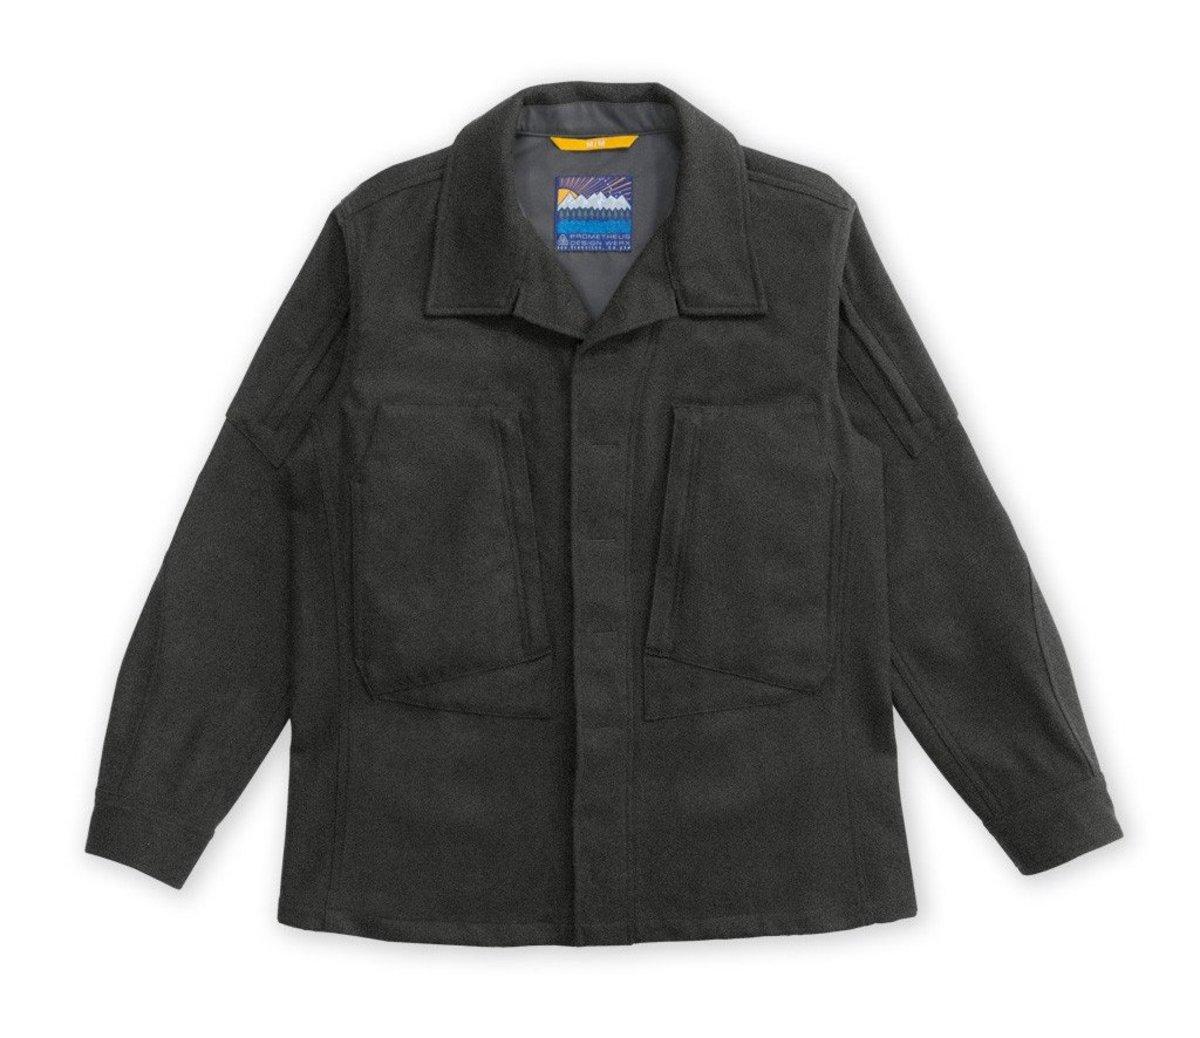 Prometheus Design Werx Wilderness Jacket